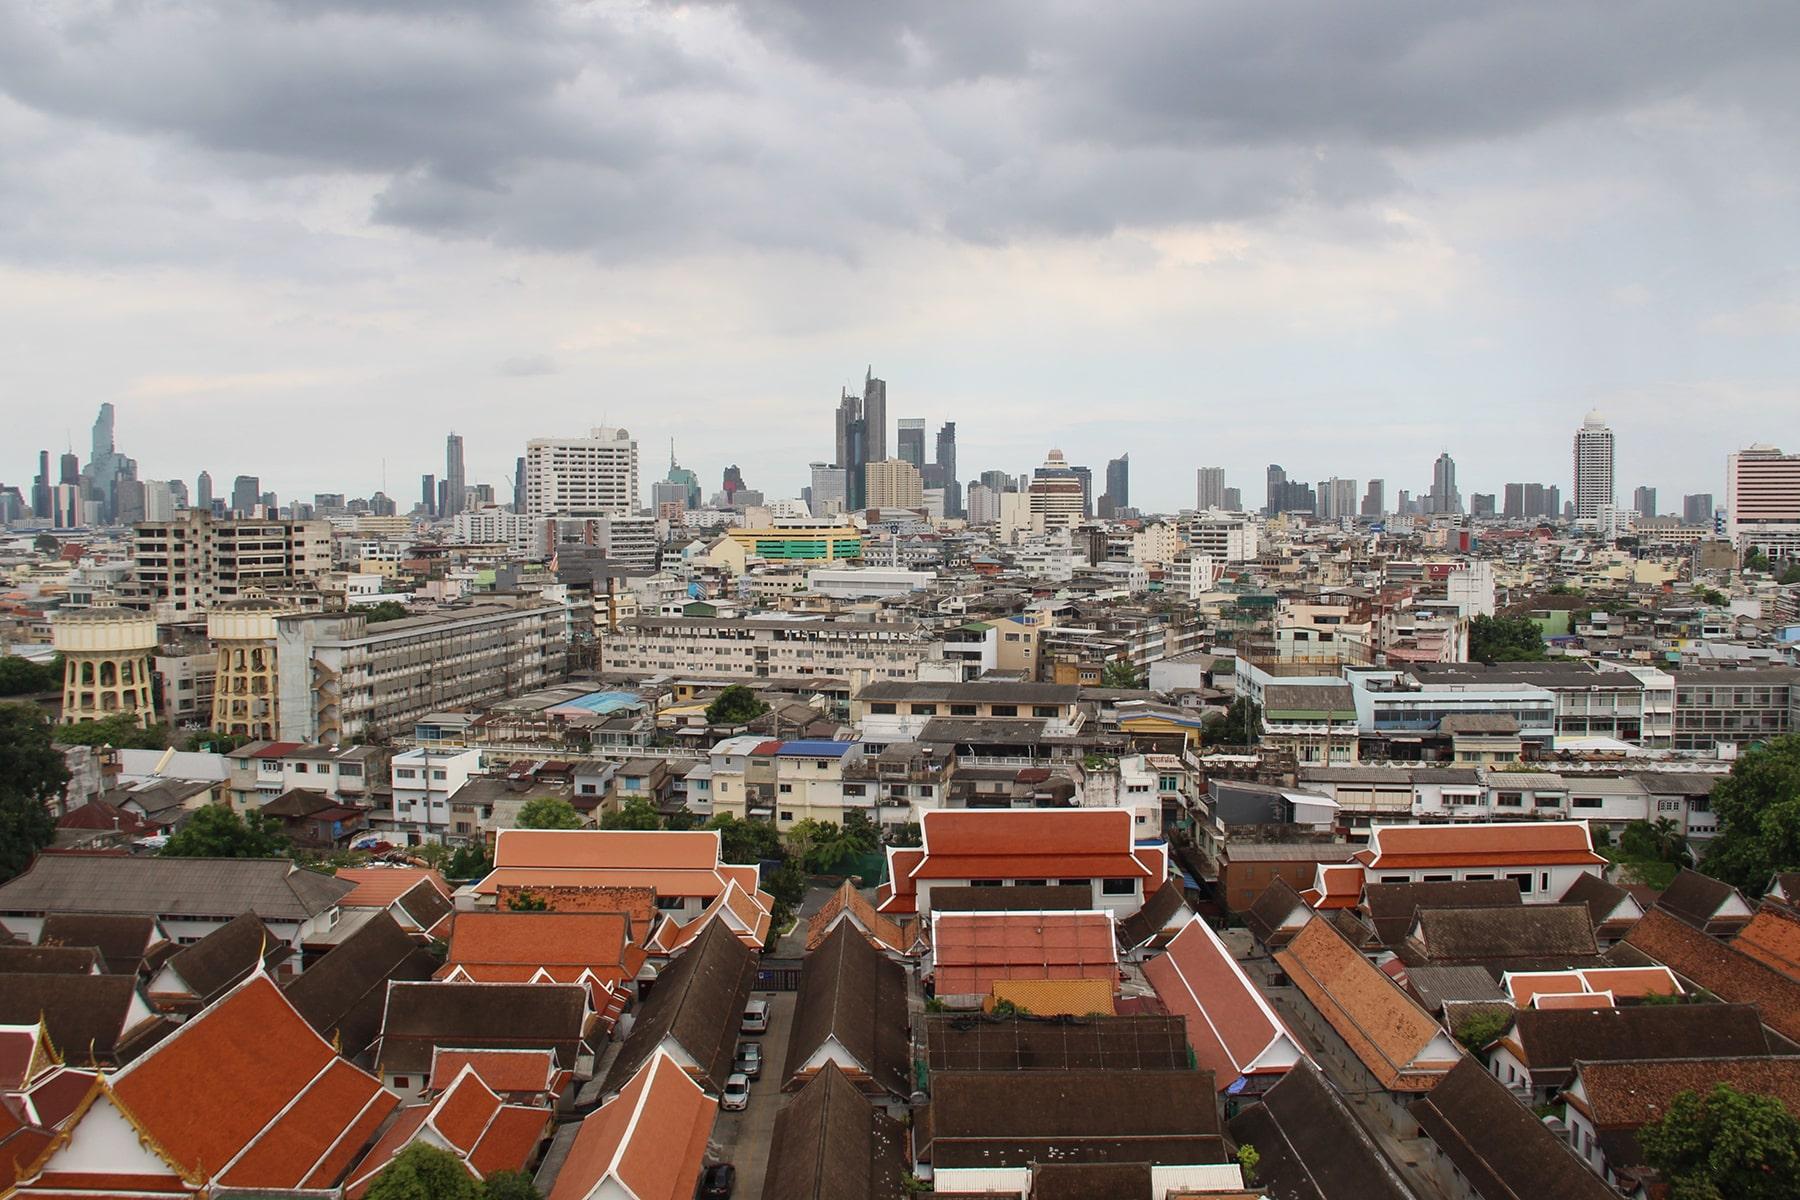 Il panorama della città antica e moderna